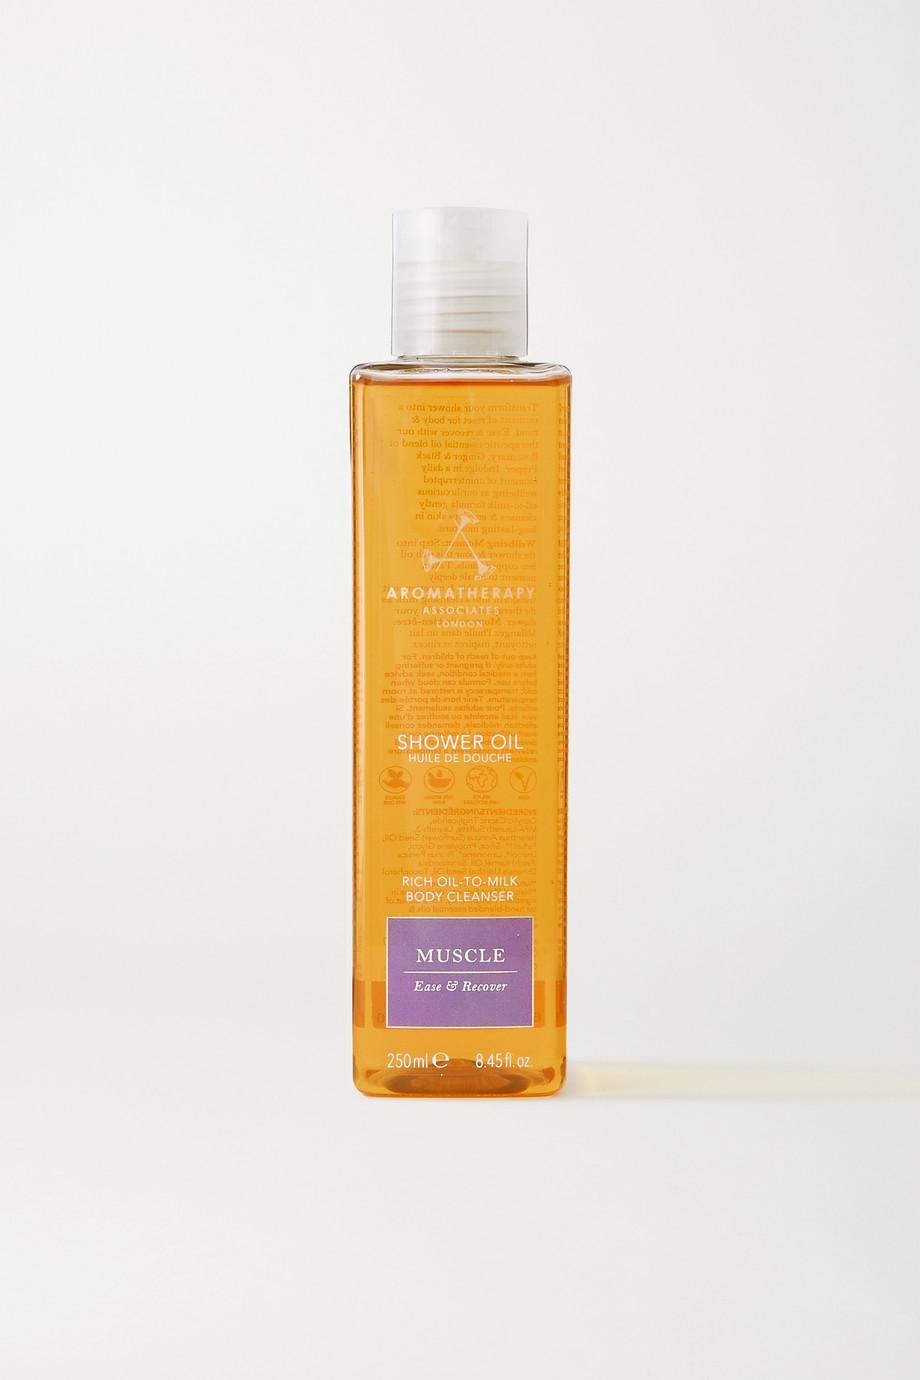 Aromatherapy Associates De-Stress Muscle Shower Oil, 250 ml – Duschöl